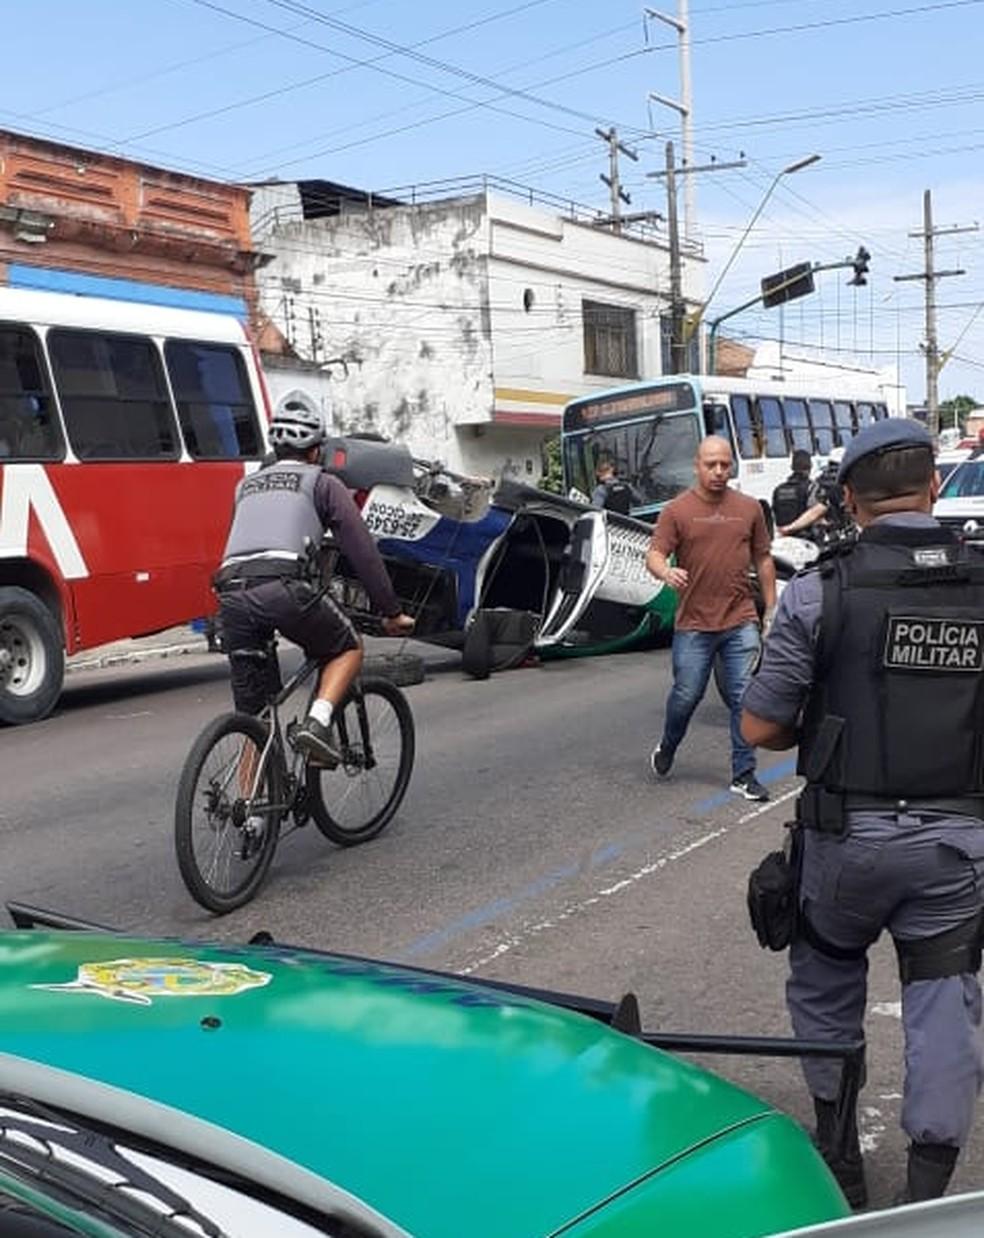 Carro capotou na Avenida Epaminondas, no Centro de Manaus — Foto: Polícia Militar